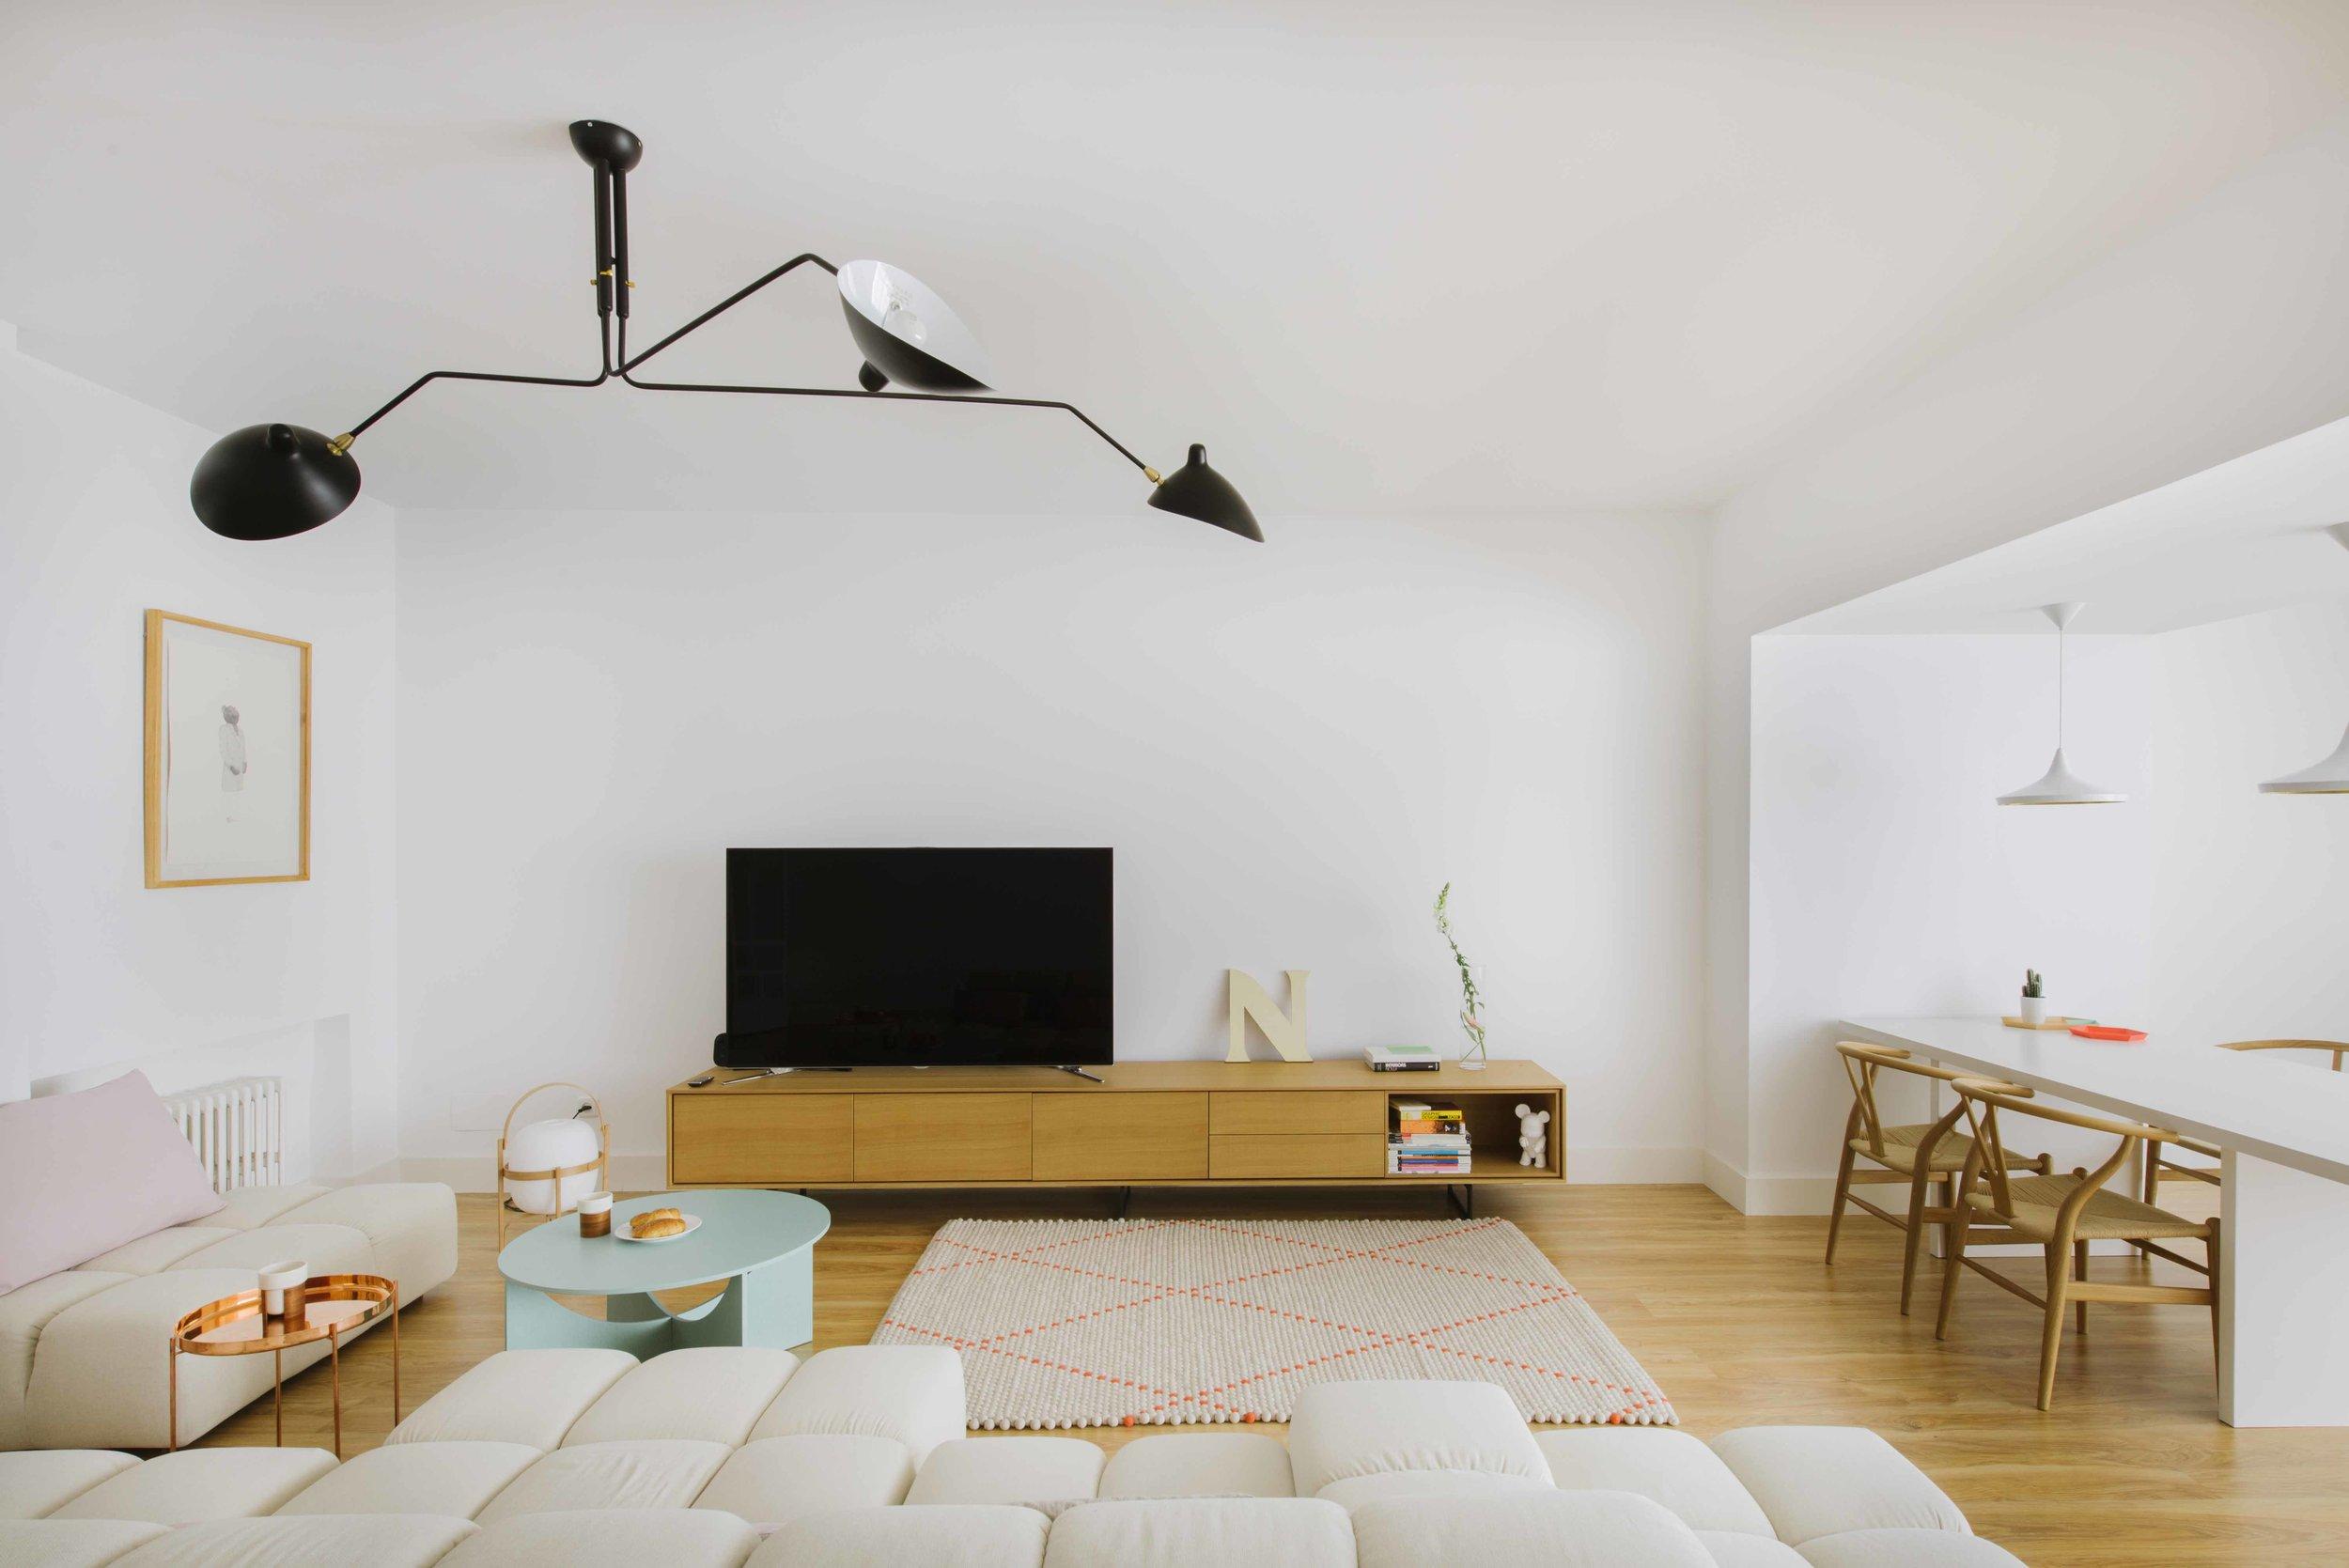 fotografía-estudio-arquitectura-nimu-271